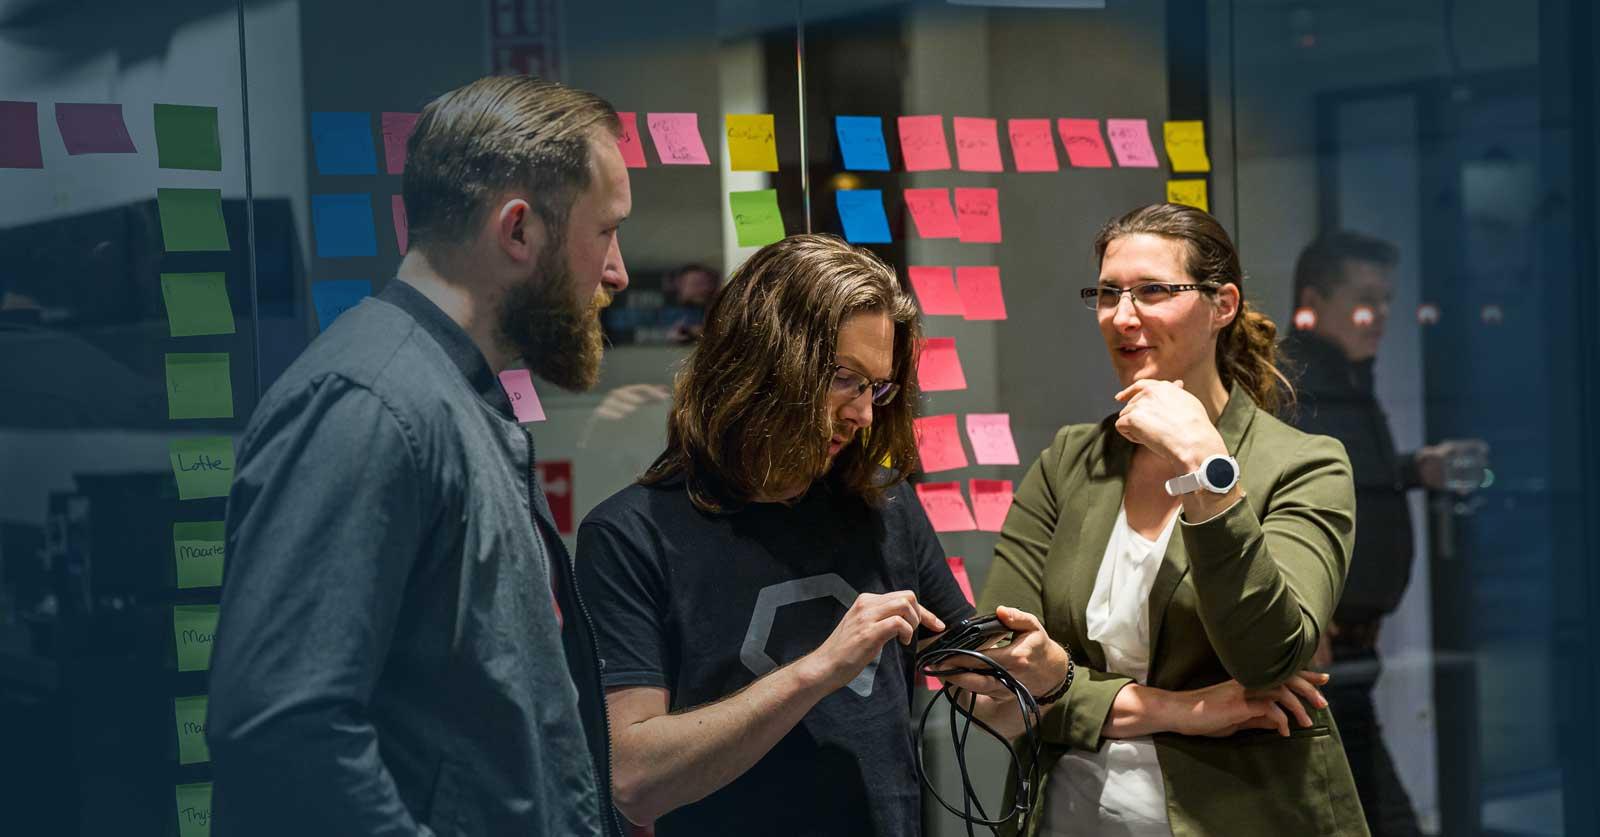 Lotte Laan and Wouter de Geus - Cloud engineers at Binx